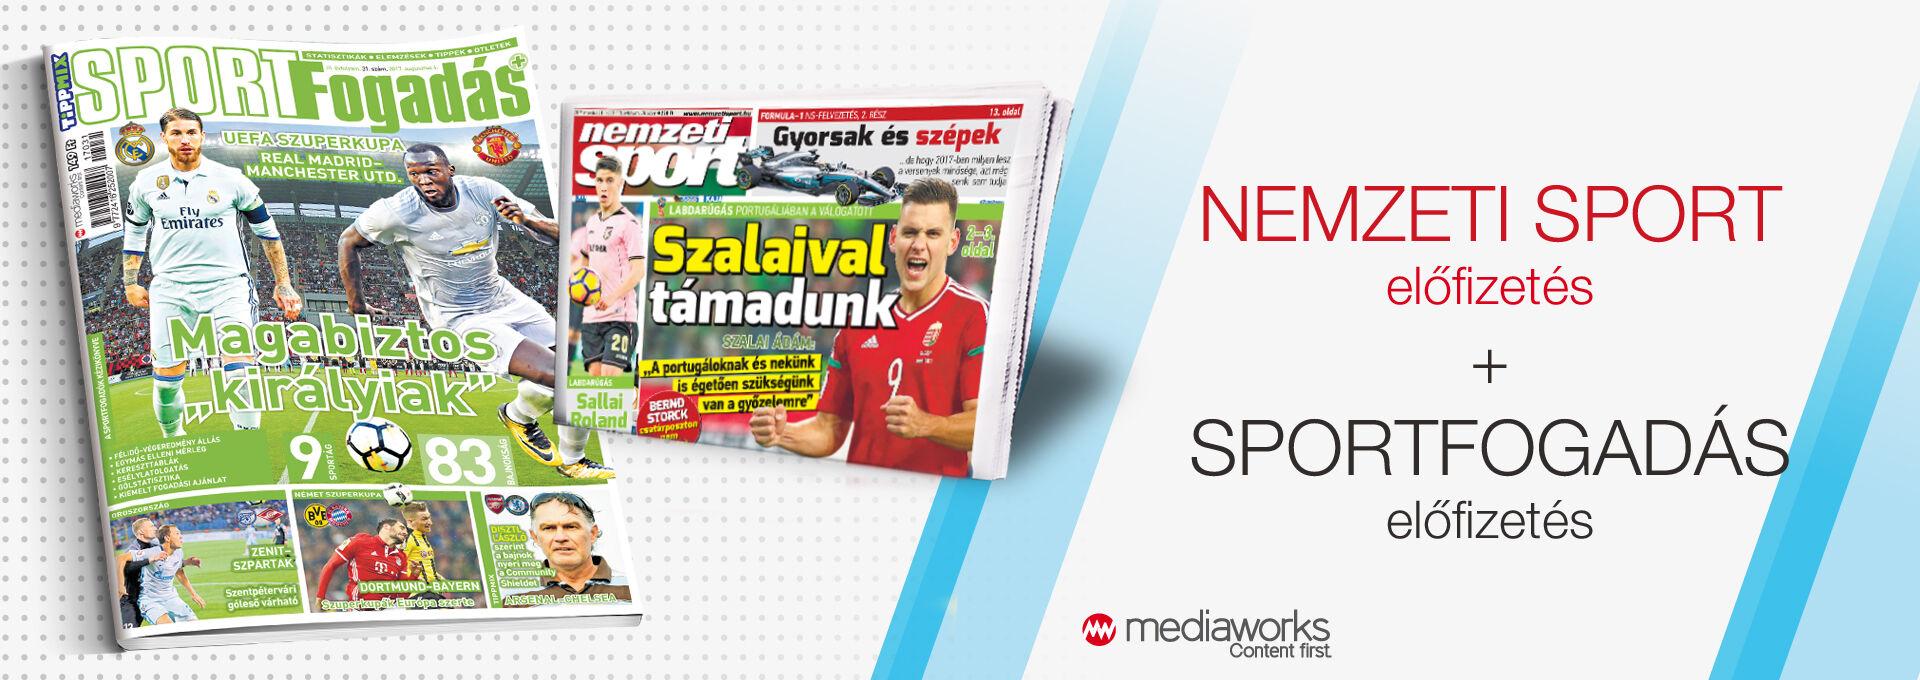 b963afeec4 ... Nemzeti Sport + Sportfogadás ...